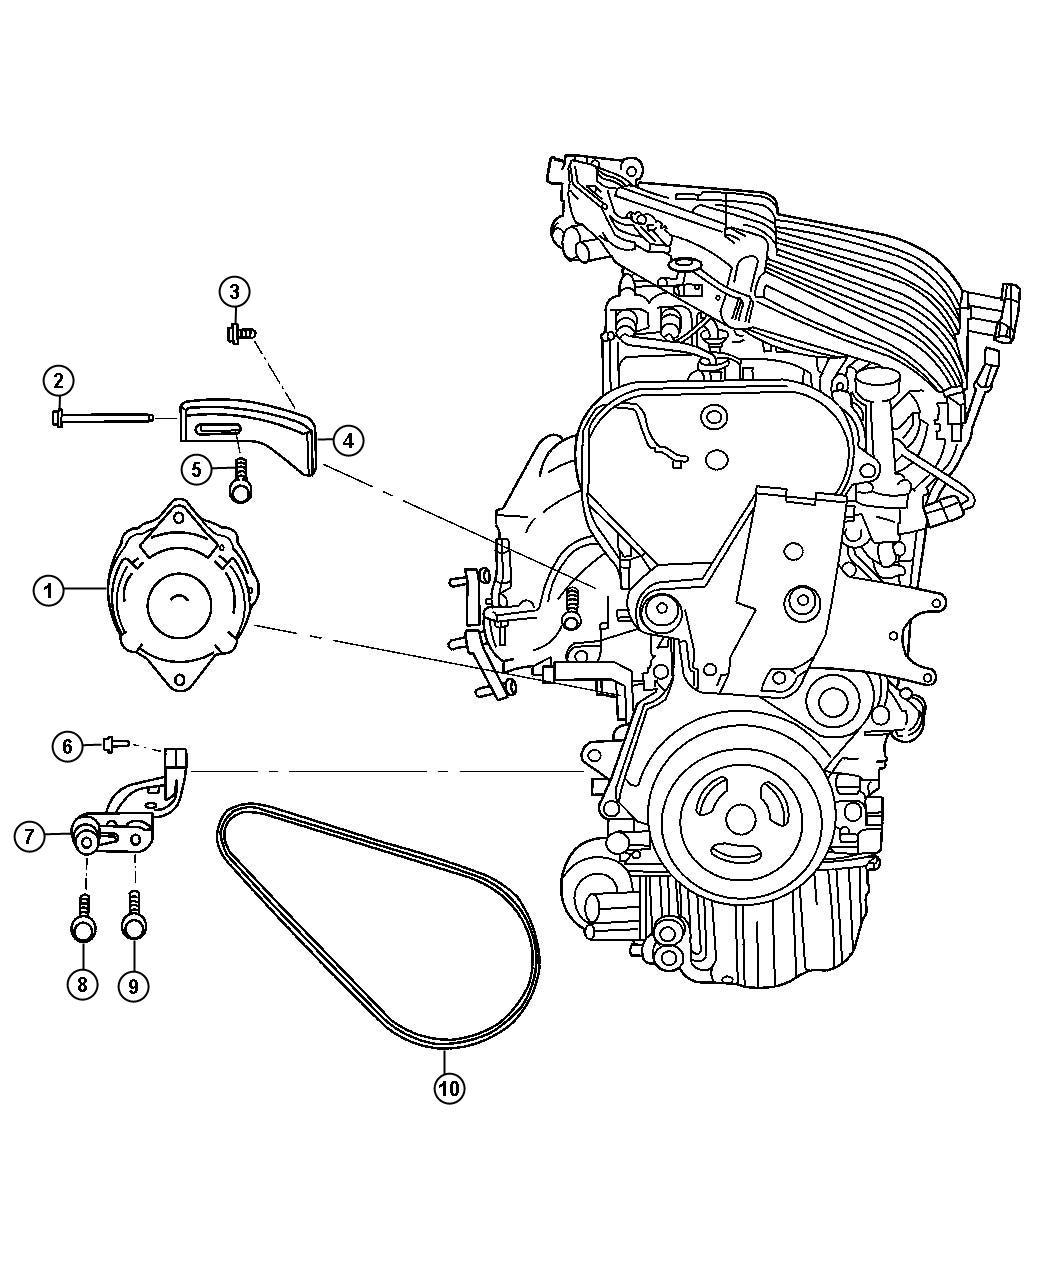 2006 pt cruiser 2 4l engine diagram    2006    chrysler    pt       cruiser    alternator    engine     ban     2006    chrysler    pt       cruiser    alternator    engine     ban